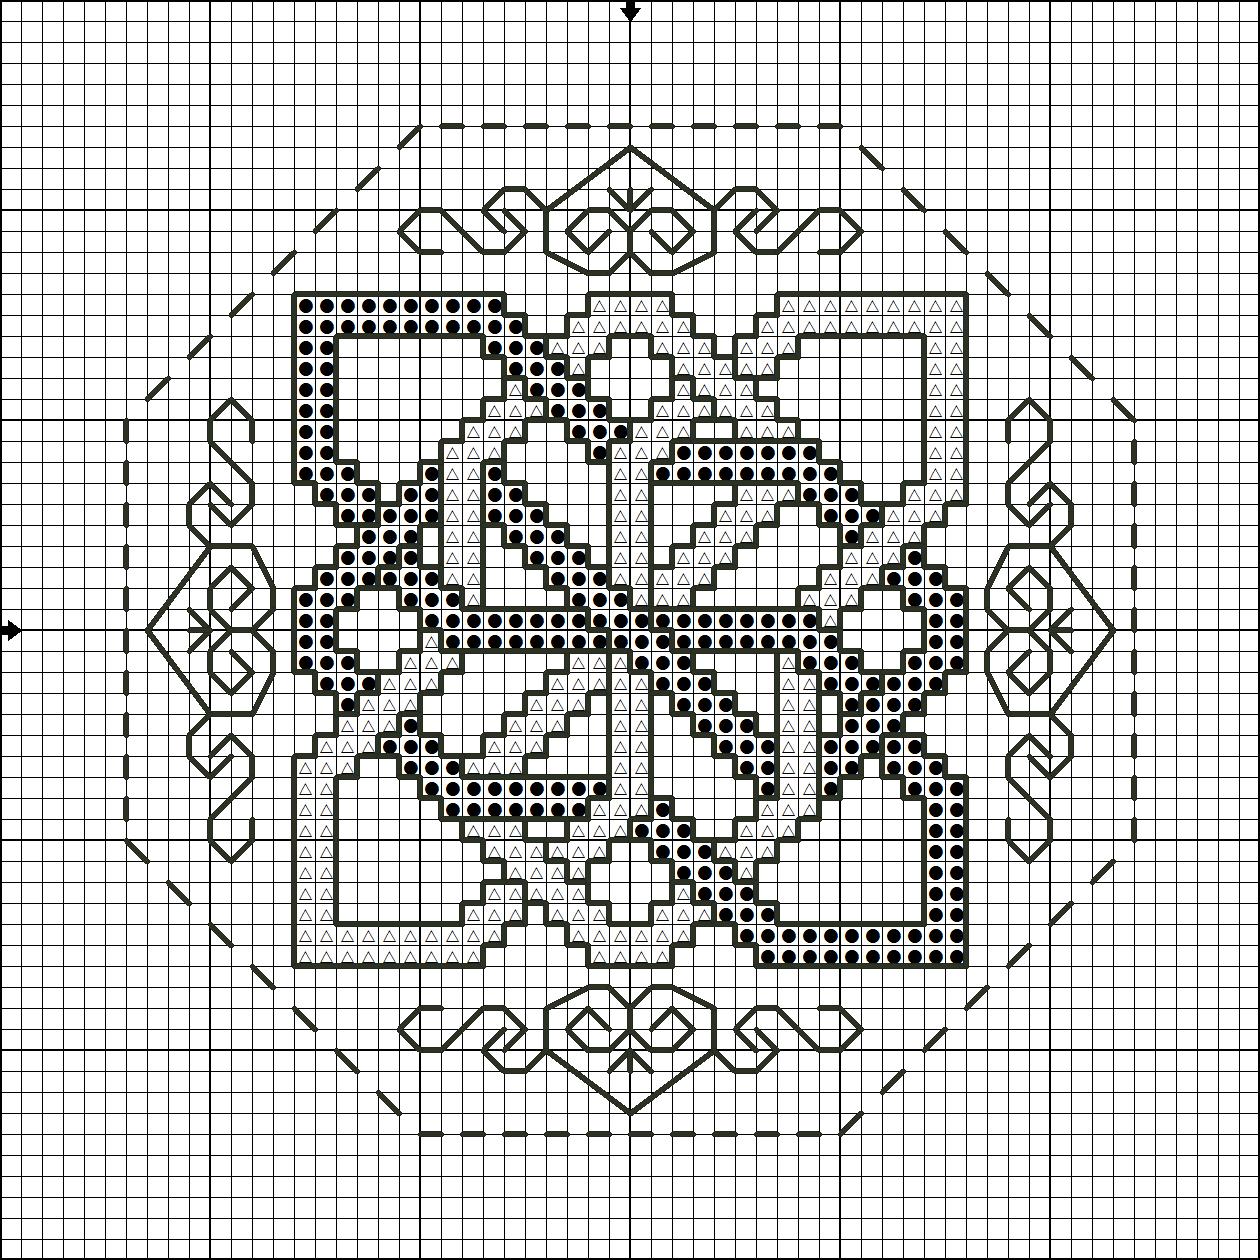 Вышивка крестом квакеров